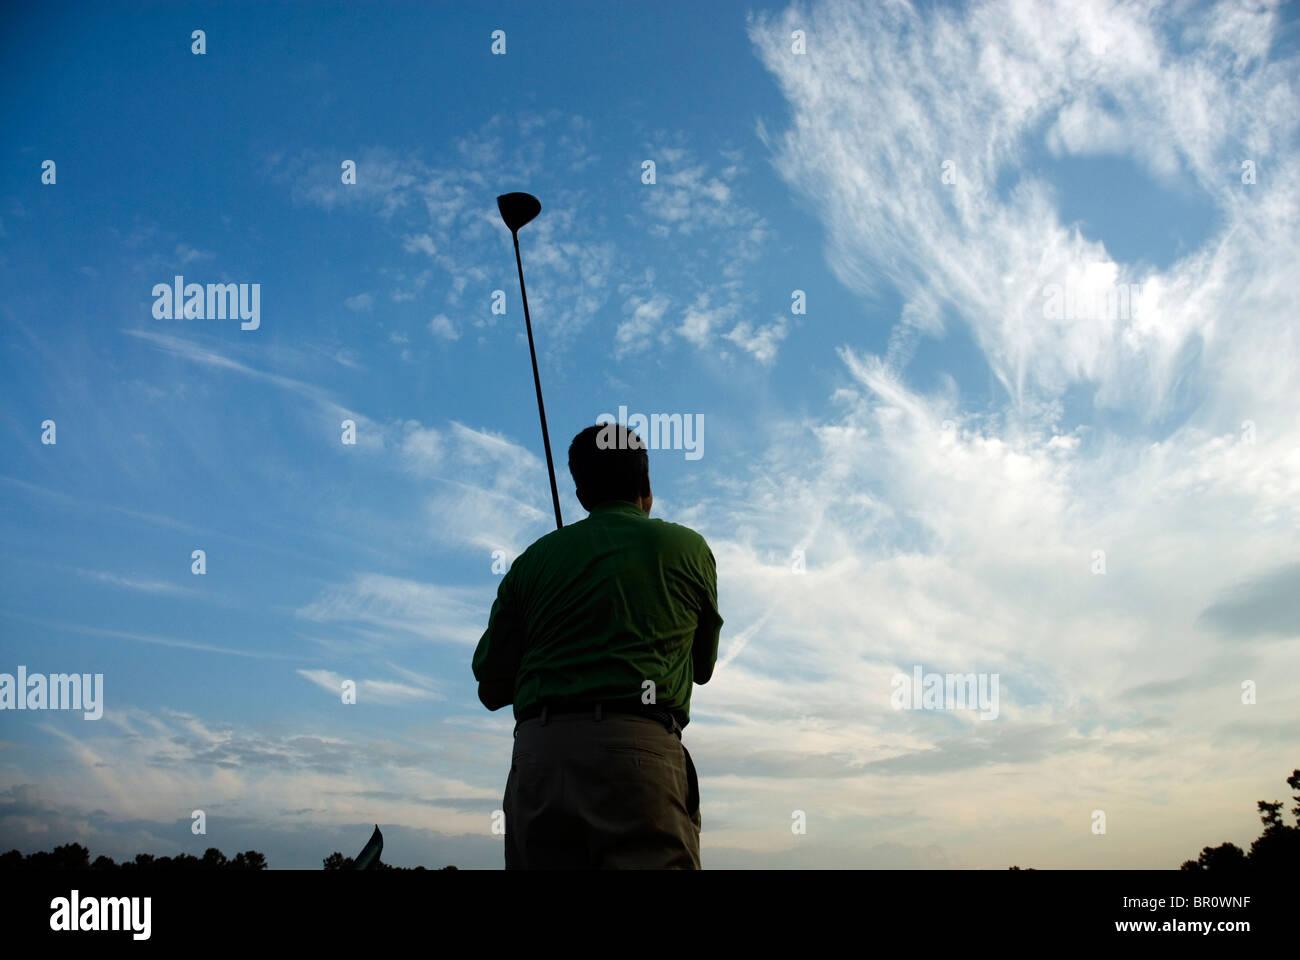 Ein Mann ist Sillhouetted gegen den Himmel halten einen Golfclub, Georgia. Stockbild